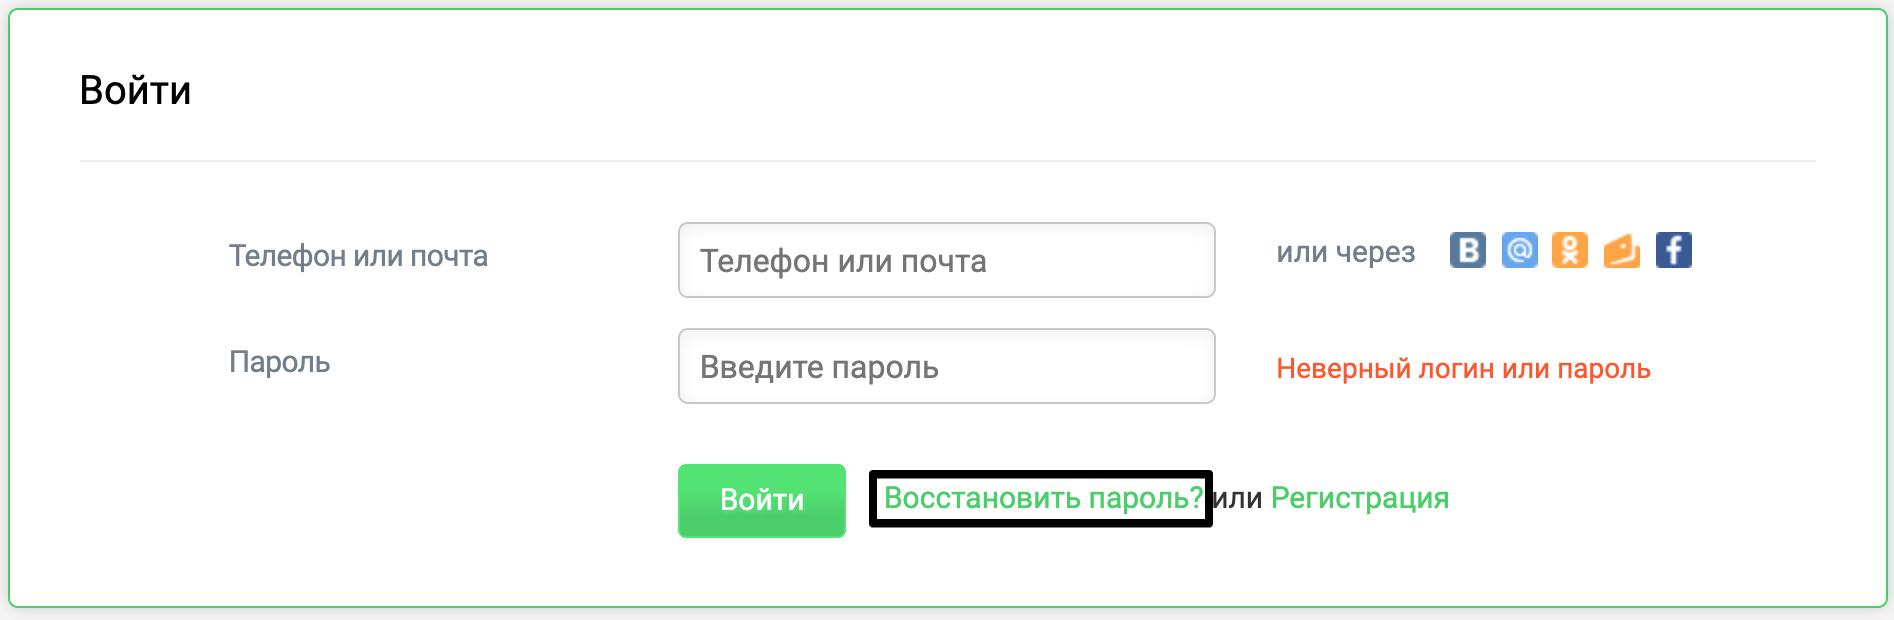 екапуста бки карта лента райффайзенбанк активировать онлайн